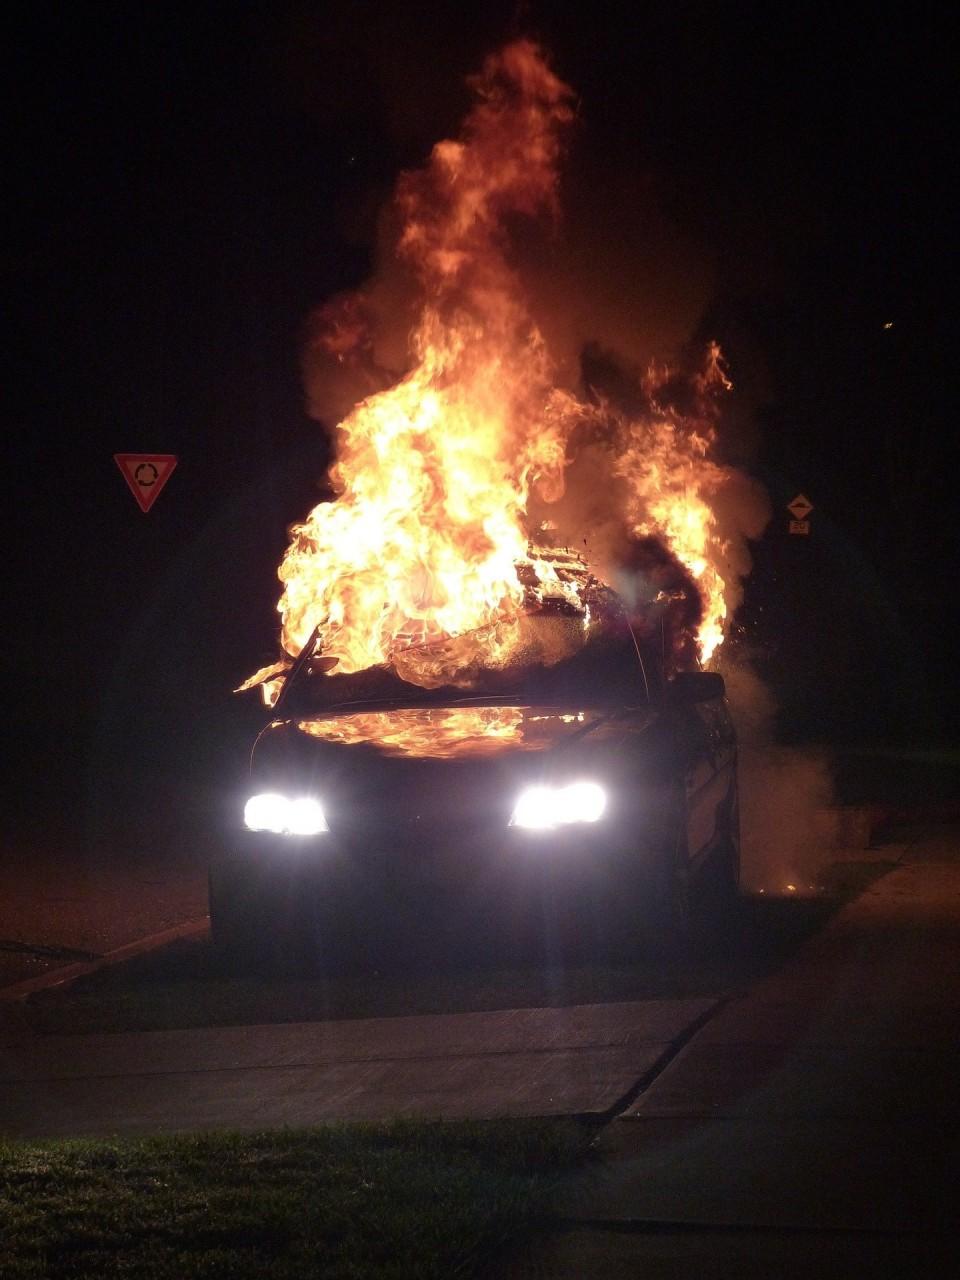 В Северной Ирландии взорвался автомобиль